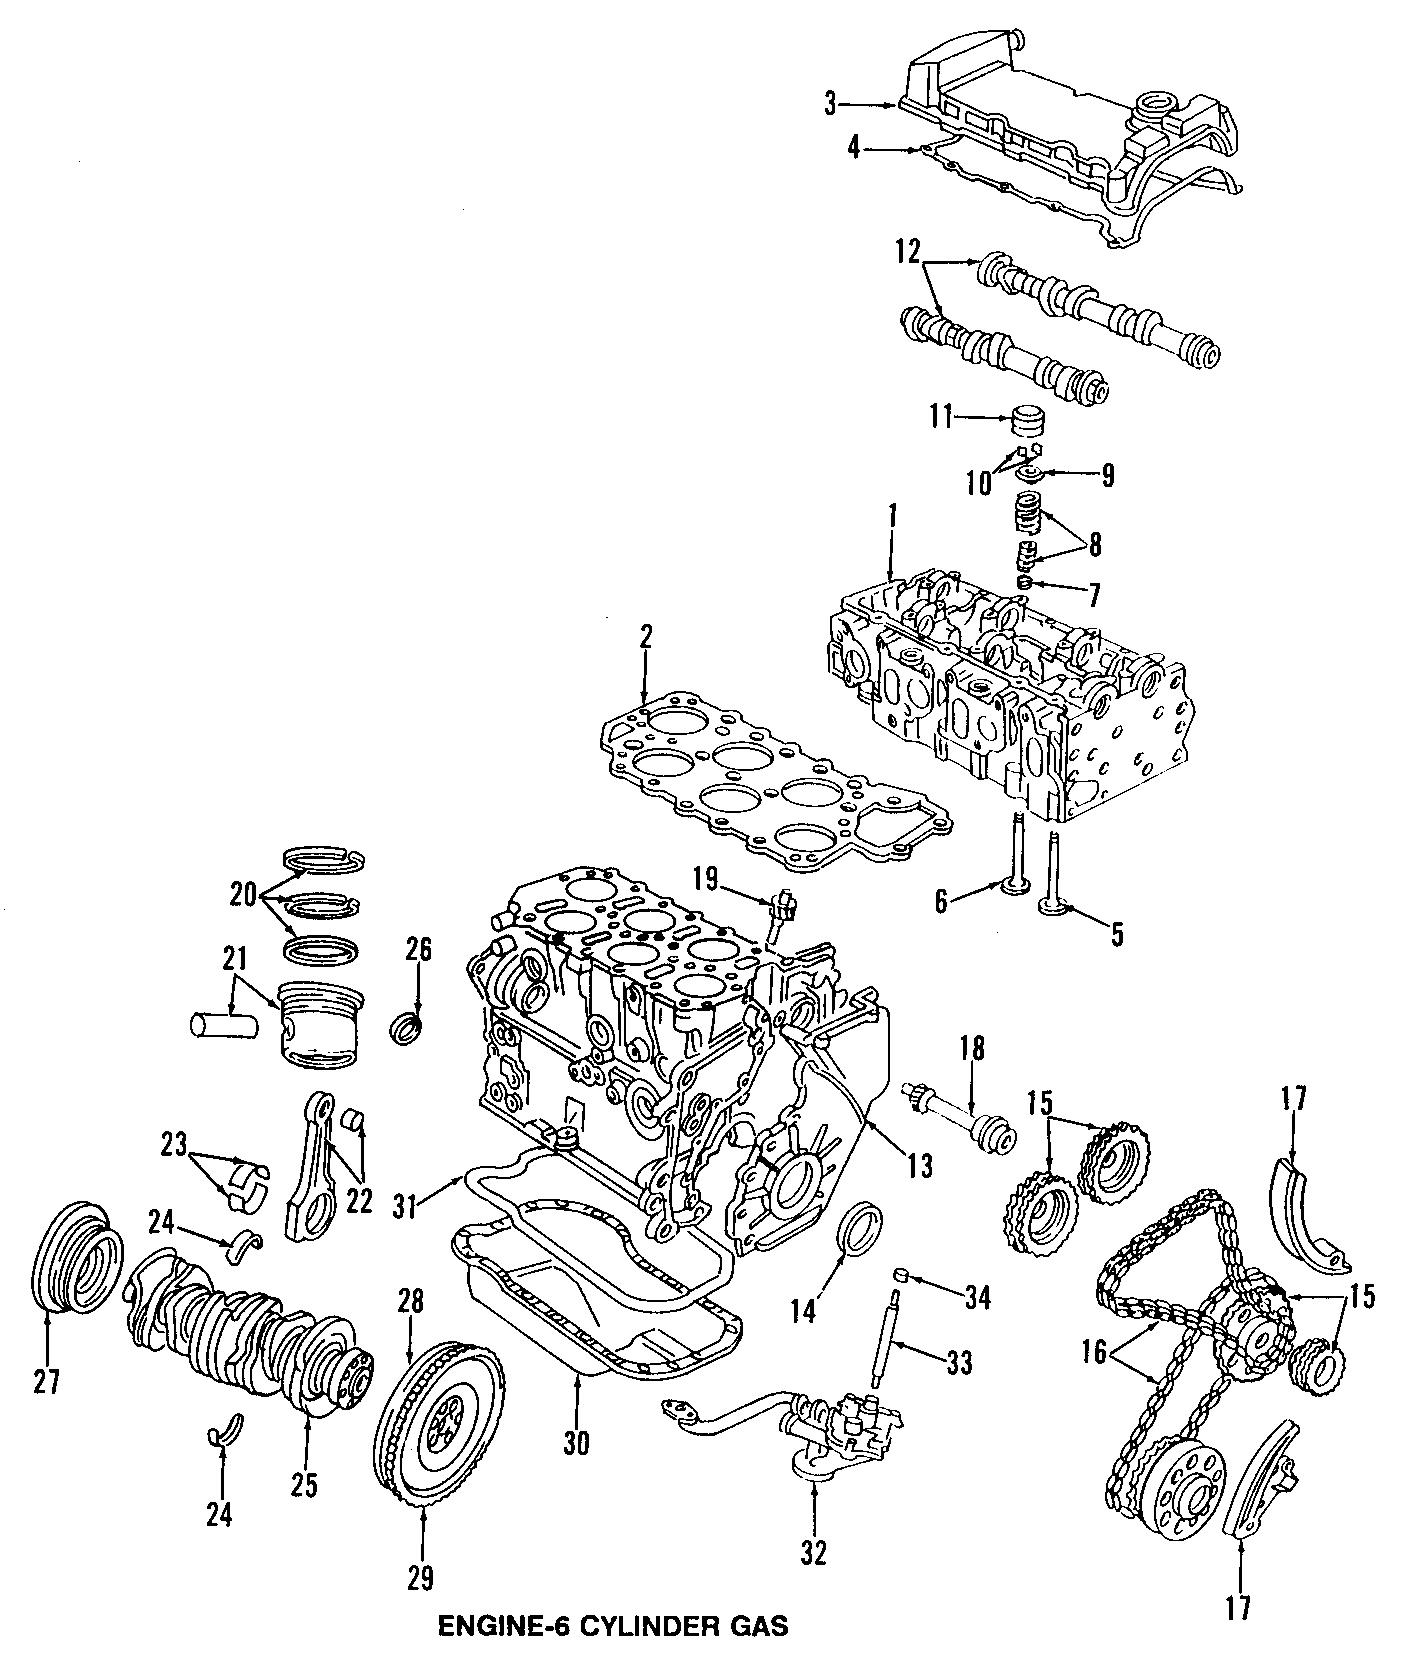 Volkswagen Jetta Engine Valve Cover 2 8 Liter W 24